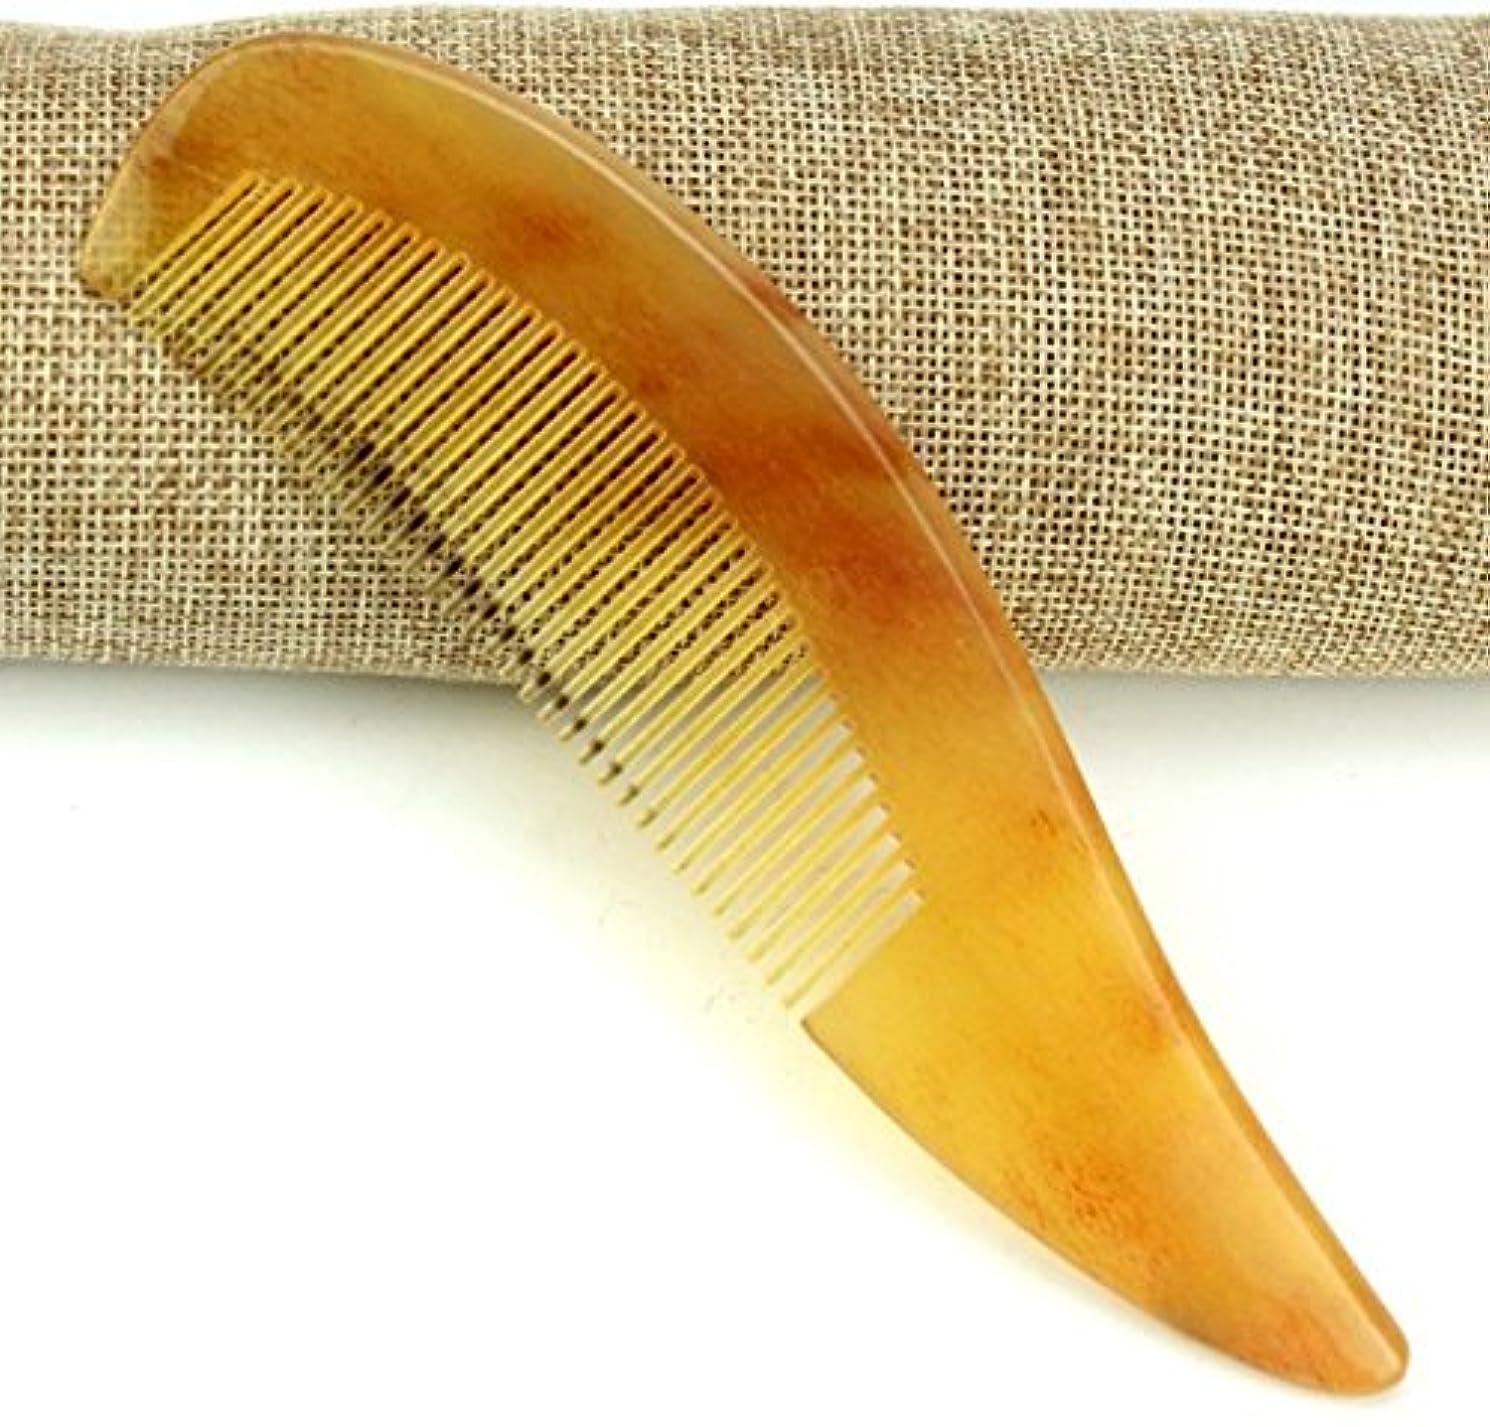 行進顕現ポータル櫛型 プロも使う羊角かっさプレート マサージ用 血行改善 高級 天然 静電気防止 美髪 美顔 ボディ リンパマッサージ